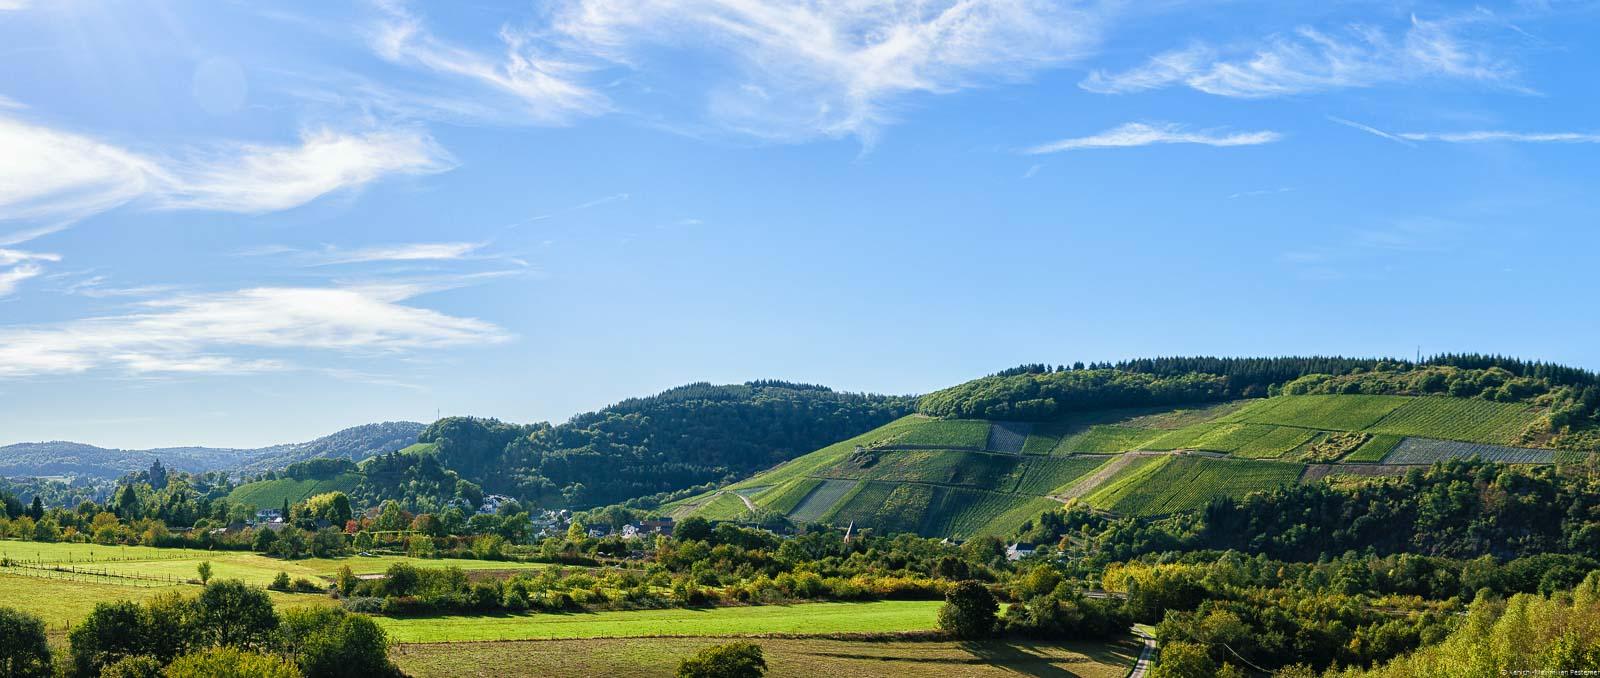 Links sieht man die Saarburg und den Schlossberg. Es folgen Niederleuken und weitere Weinberge entlang des Flusses. Darunter befindet sich auch der Steilhang Saarburger Kupp.